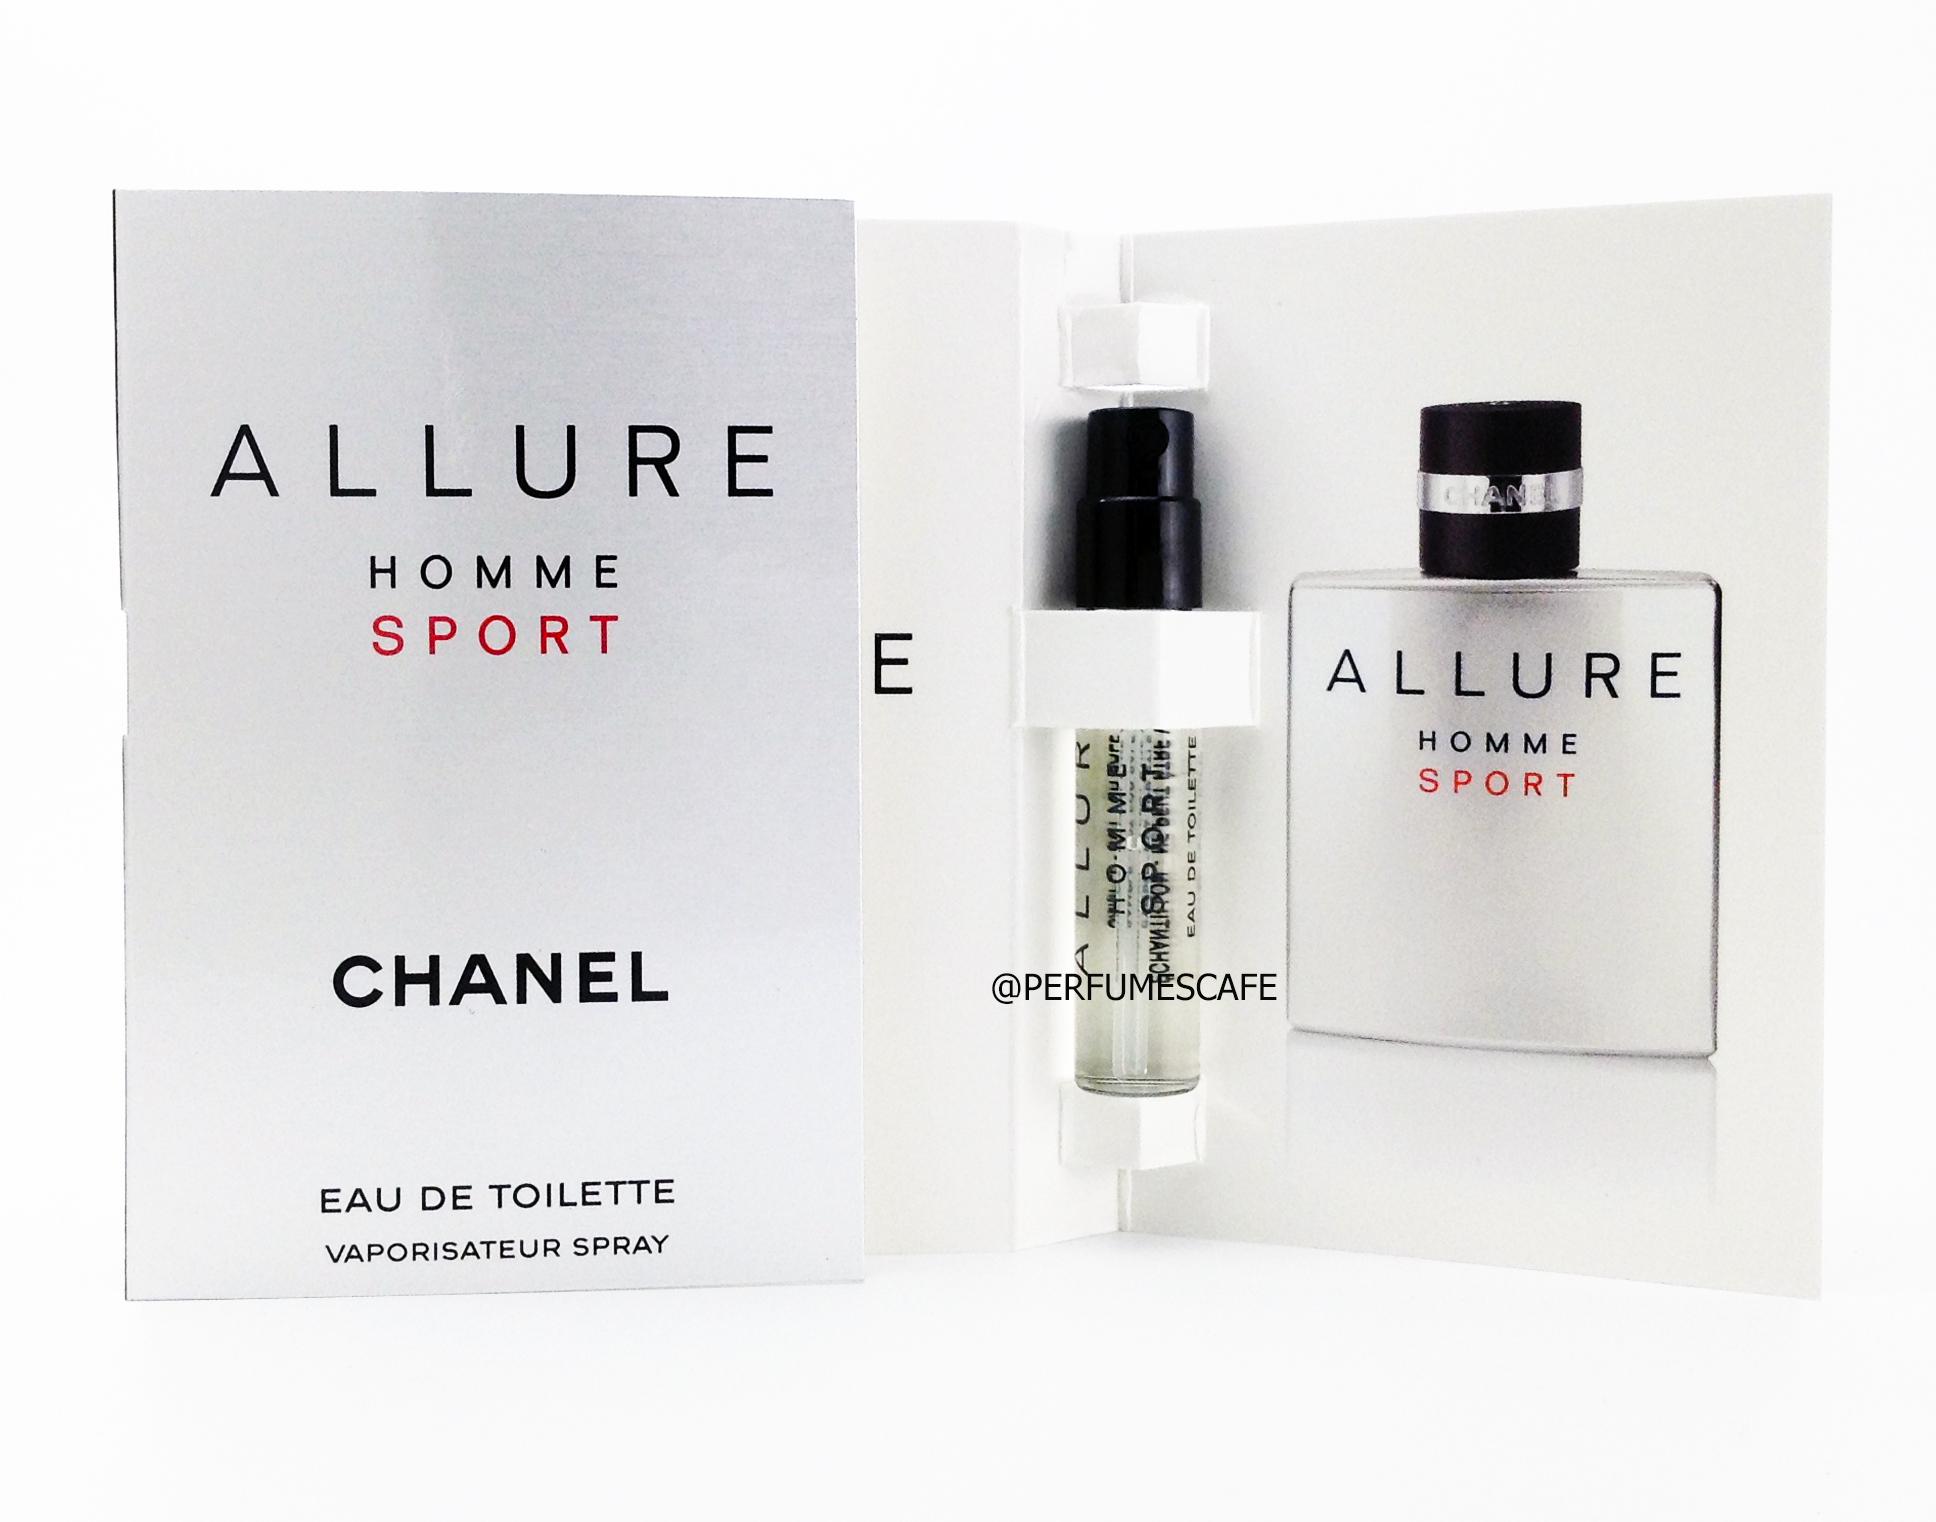 น้ำหอม Chanel Allure Homme Sport EDT ขนาดทดลอง 2ml แบบสเปรย์